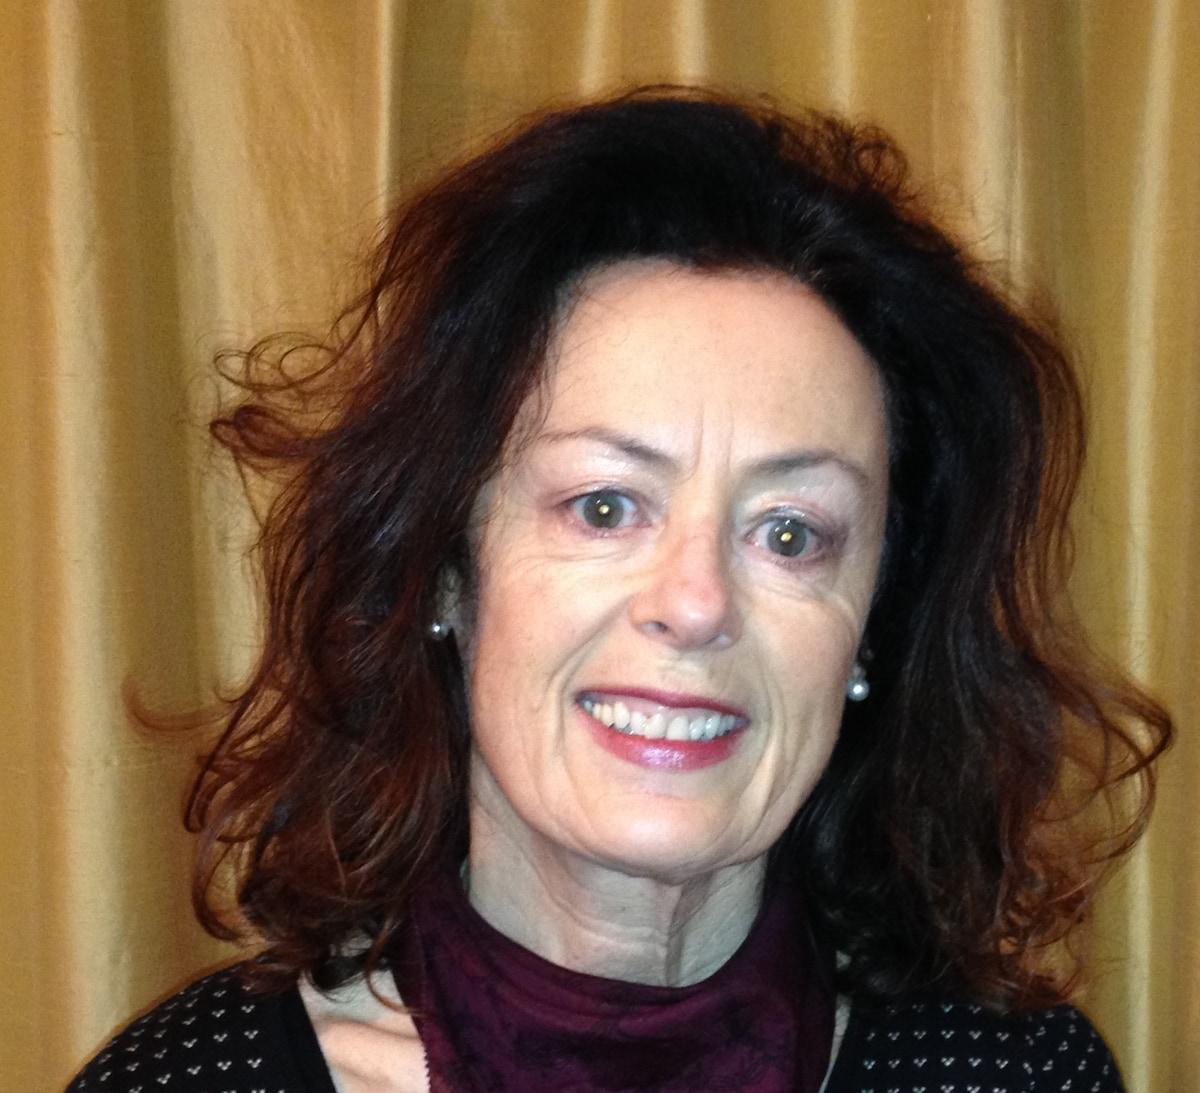 Paula from Ranelagh